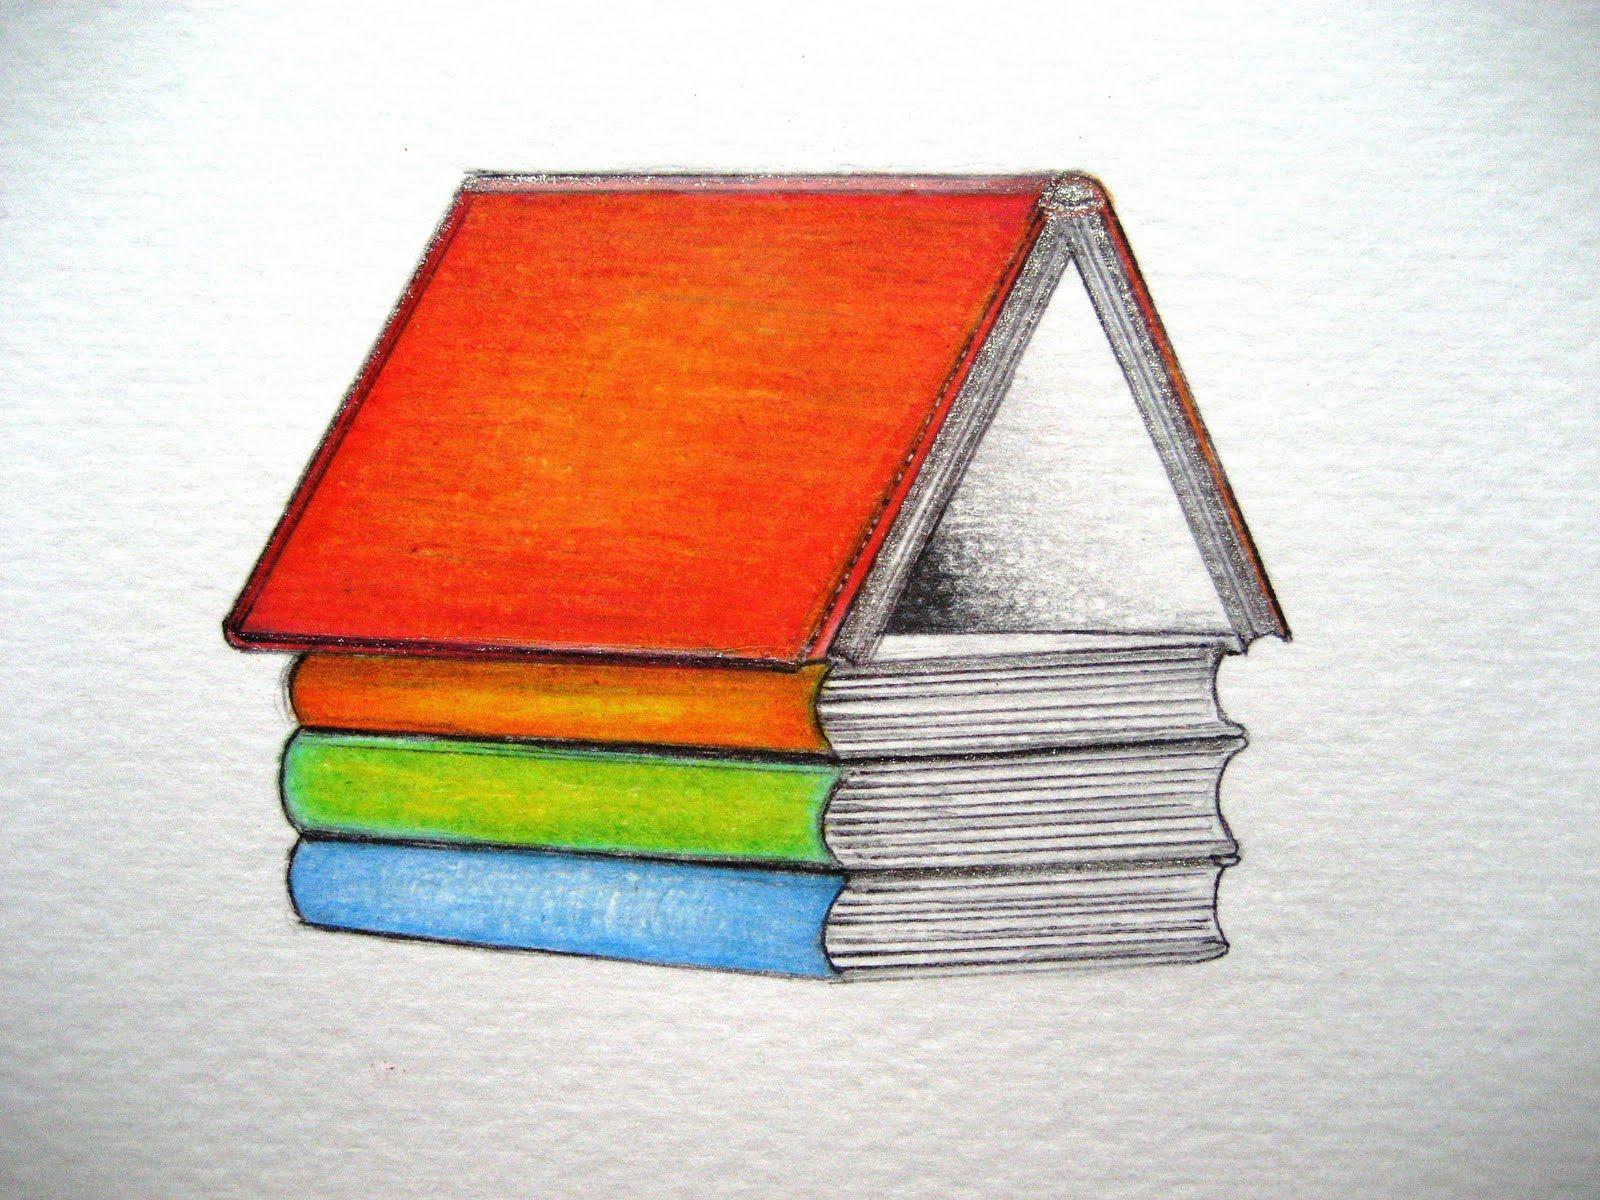 онкий дом для книги картинки конструктивной точки зрения